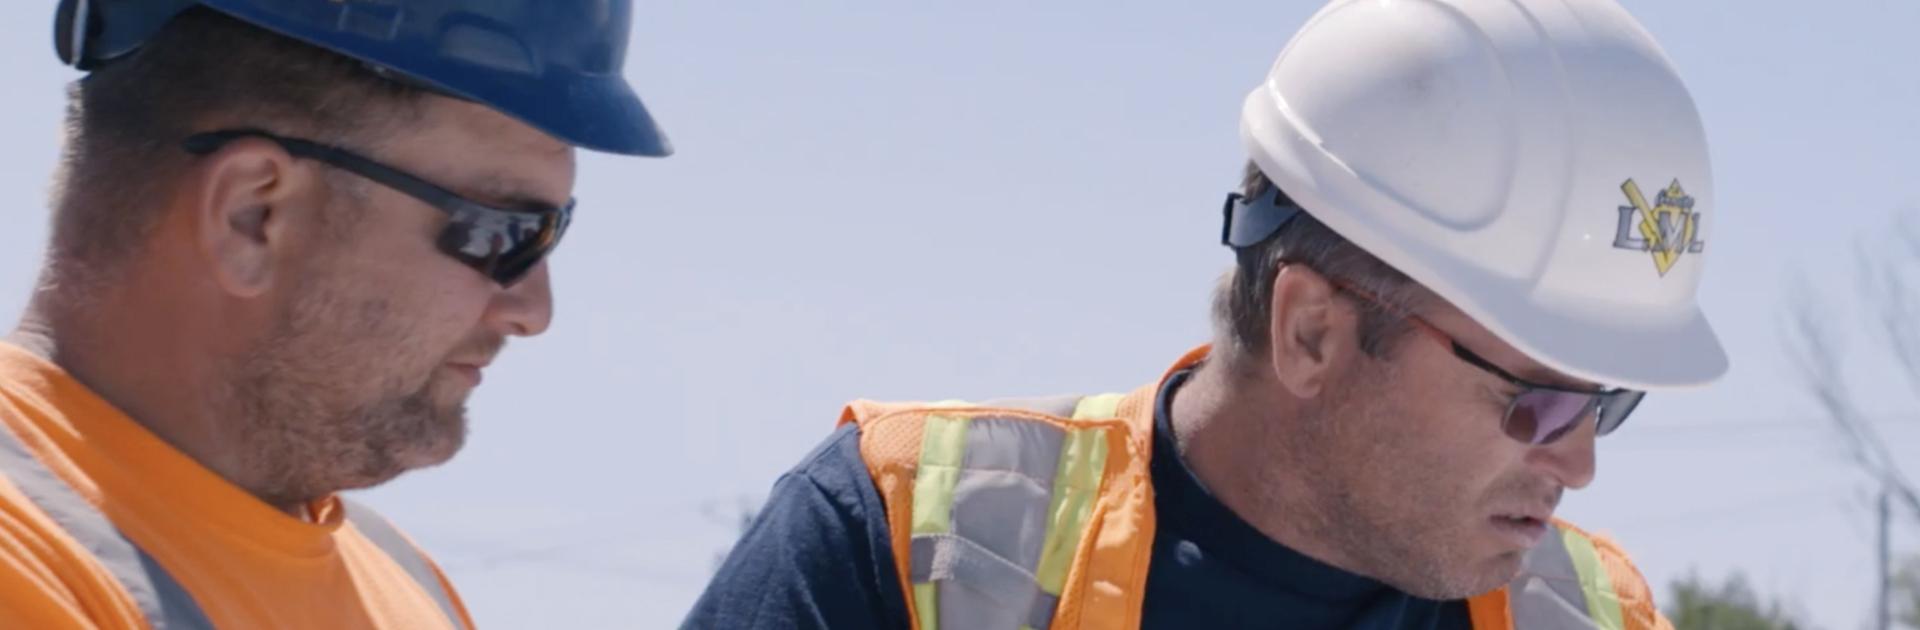 Le Groupe LML | Travailleurs de la construction